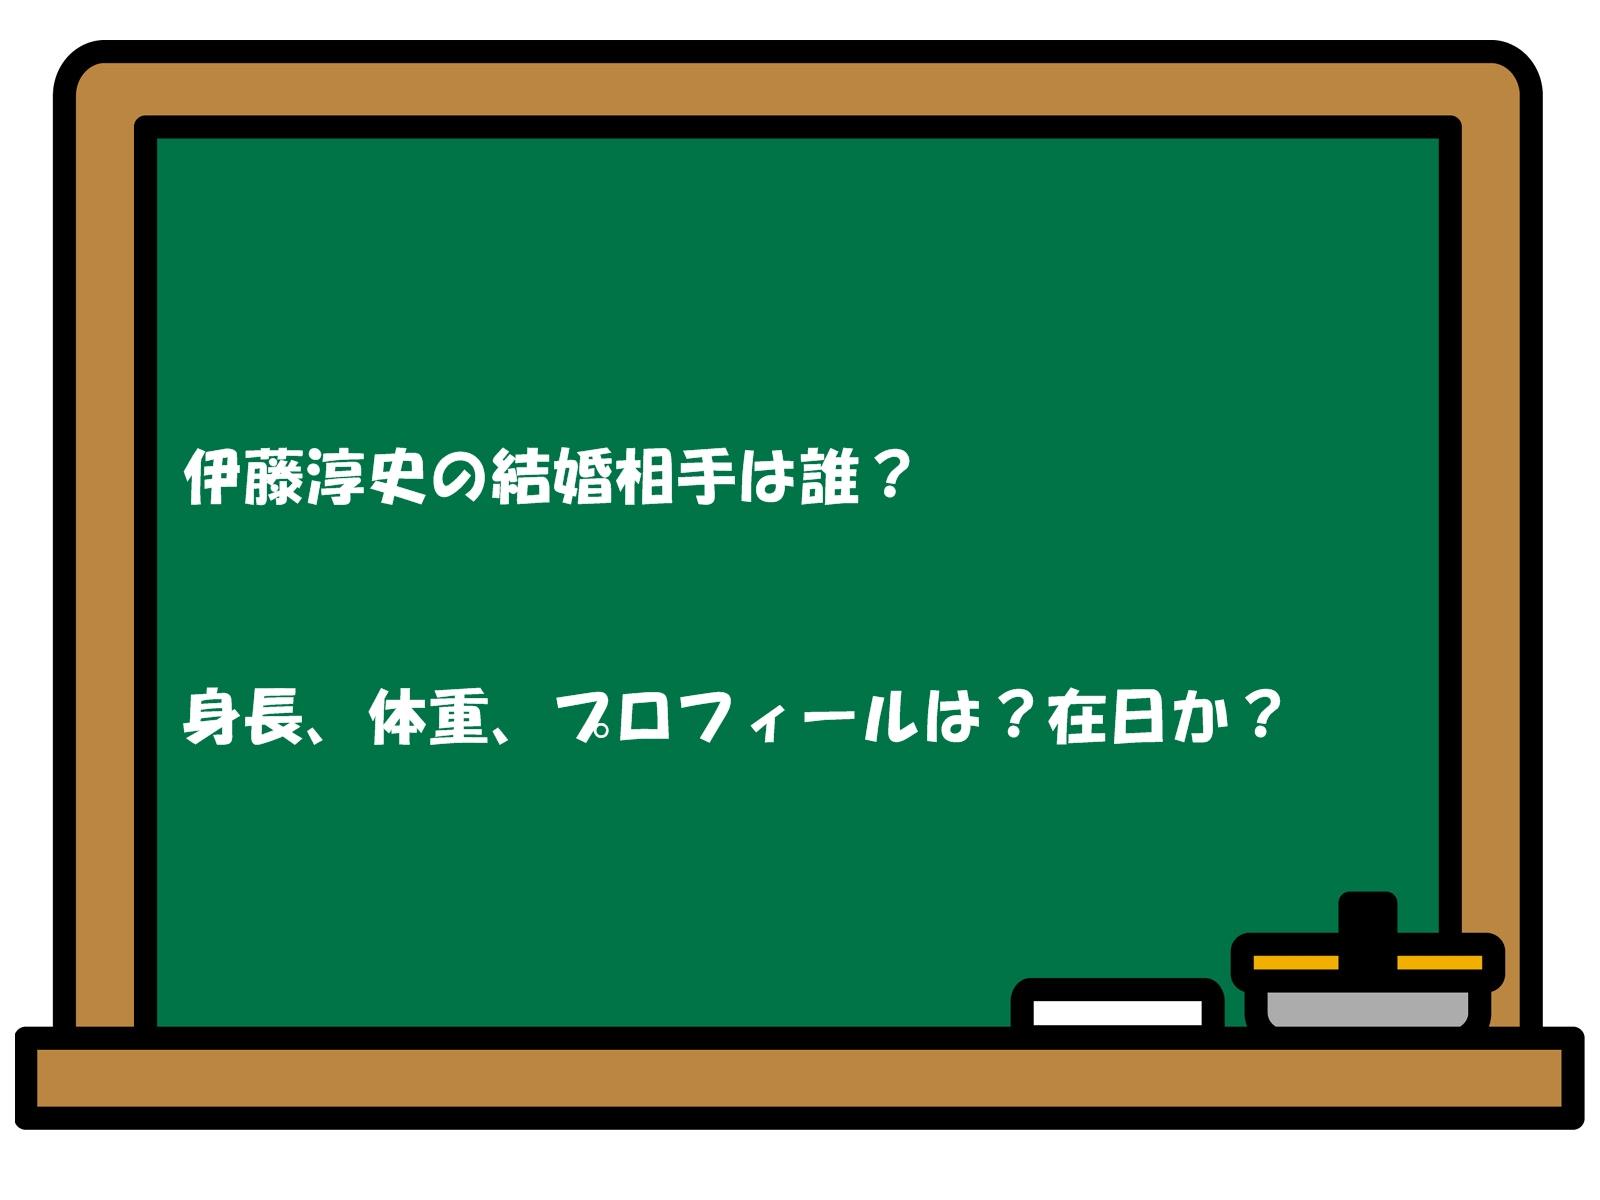 伊藤淳史の結婚相手は誰?身長、体重、プロフィールは?在日か?